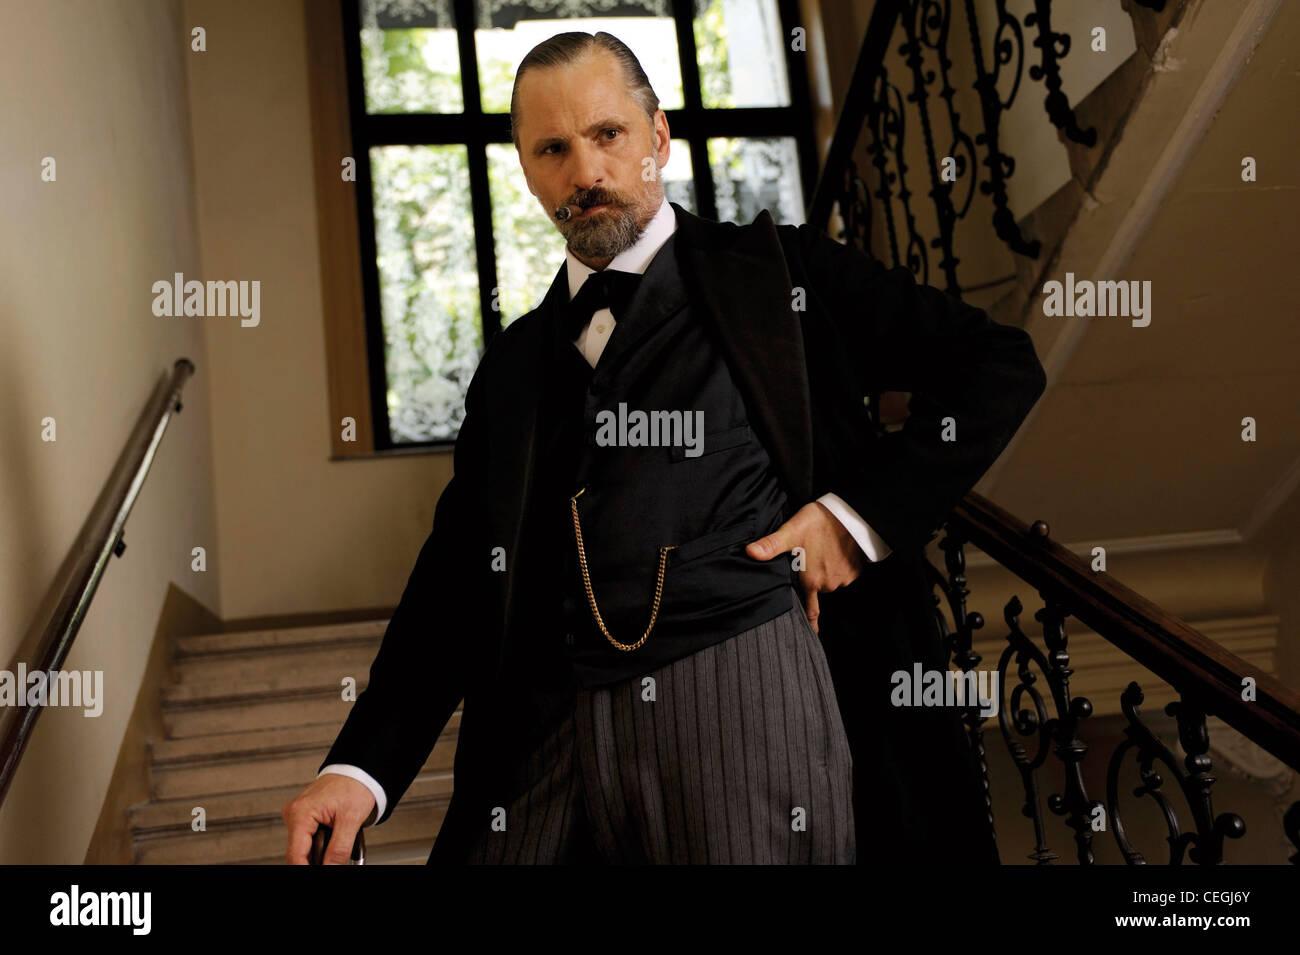 Sigmund Freud (Viggo Mortensen) - Stock Image